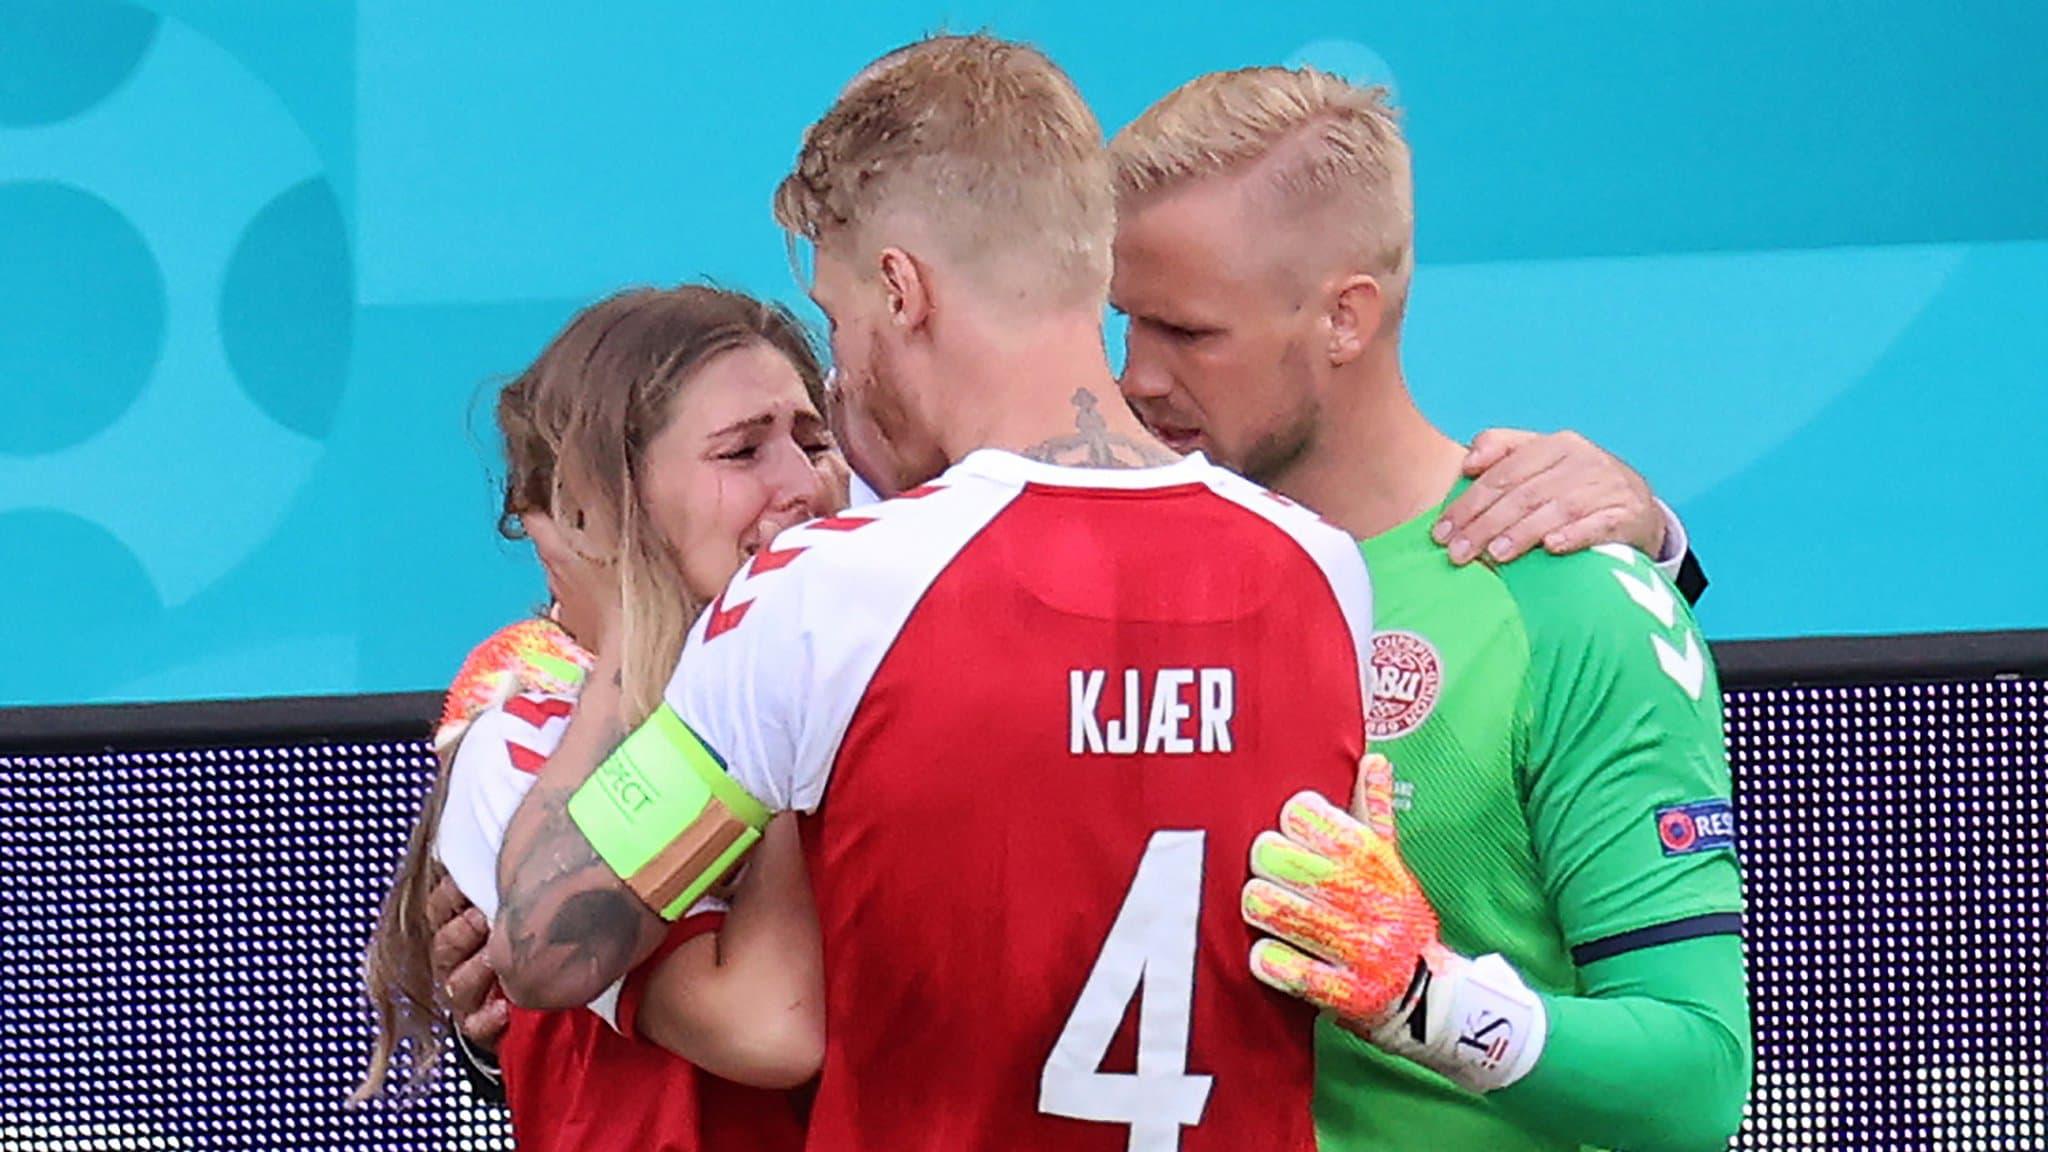 Danemark: Schmeichel et Kjaer ont réconforté la compagne d'Eriksen